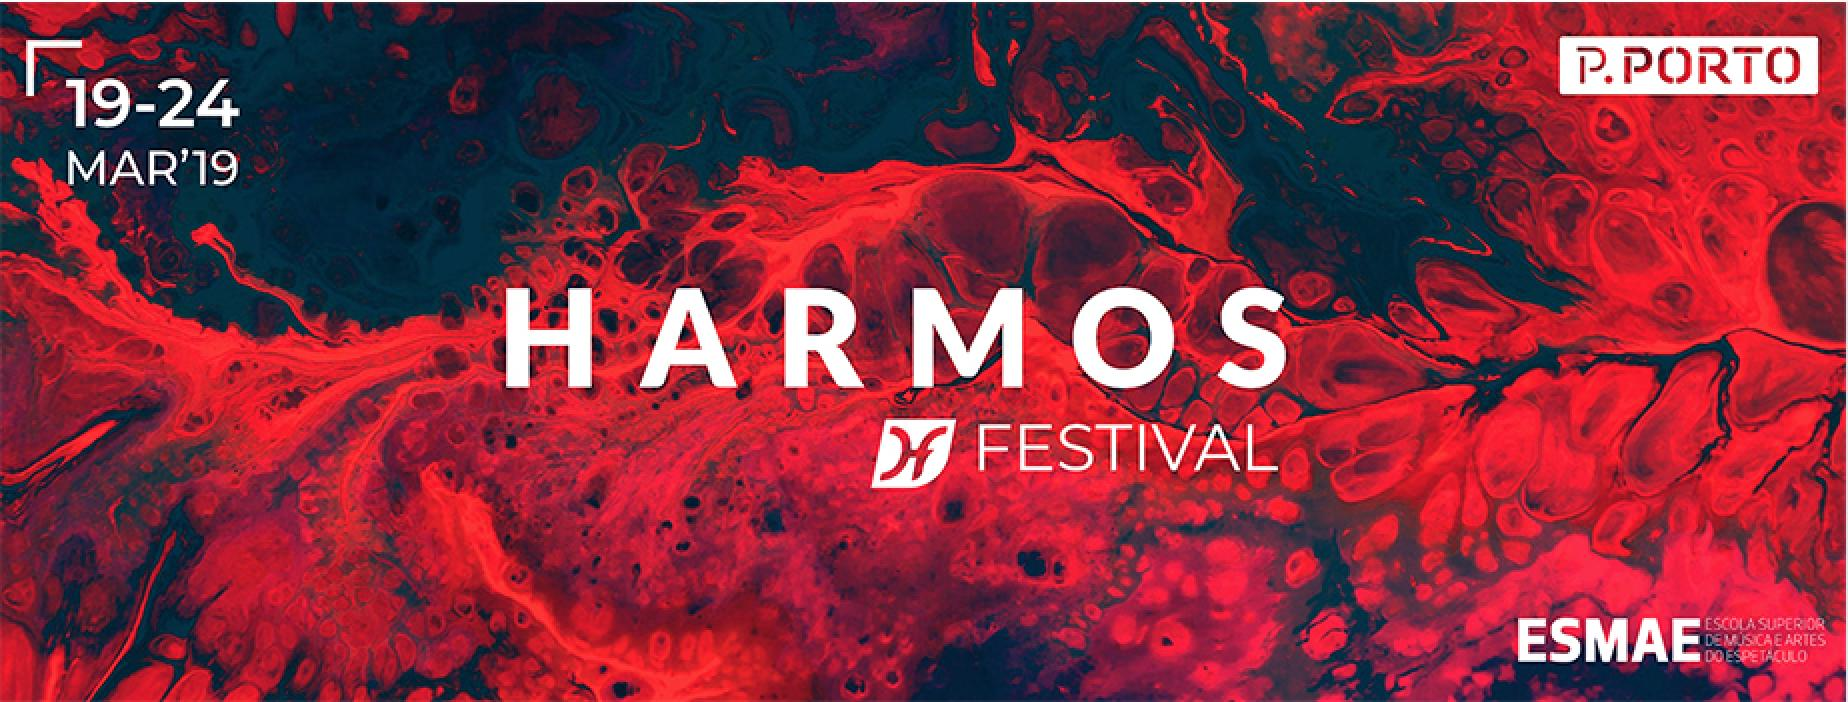 Harmos Festival volta a trazer a Barcelos a melhor música de câmara internacional